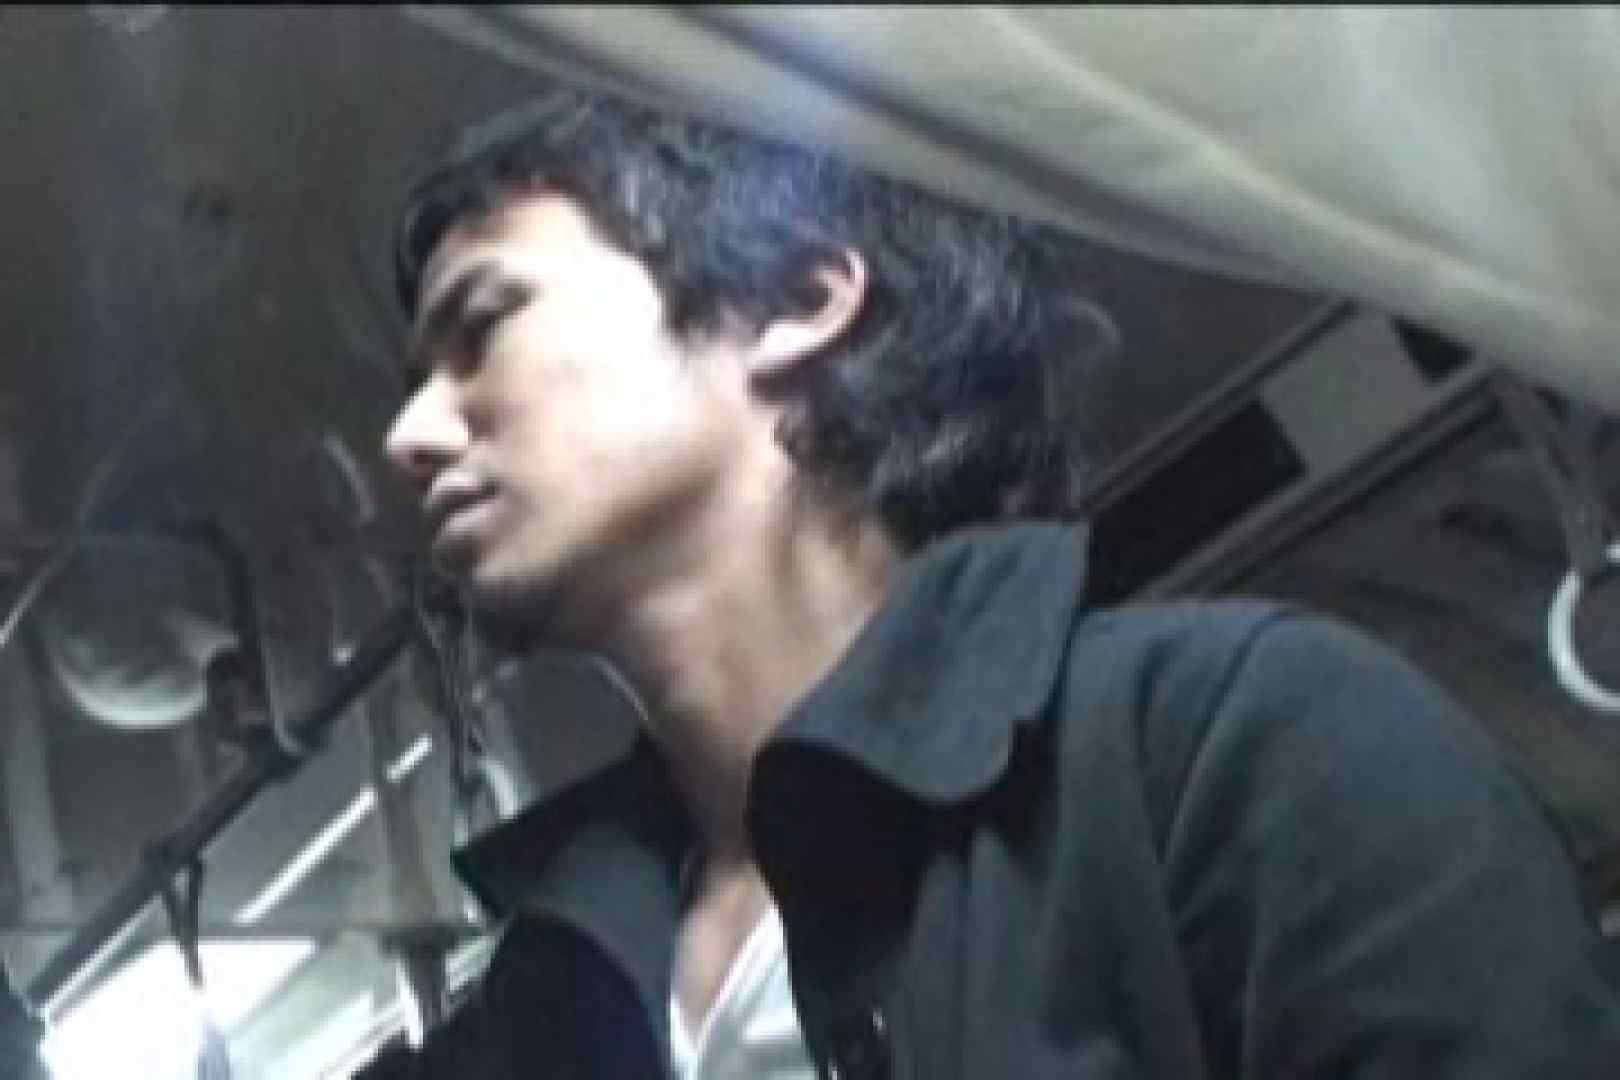 怒涛の集団攻撃!!vol.07 フェラ天国 ゲイ素人エロ画像 102pic 39